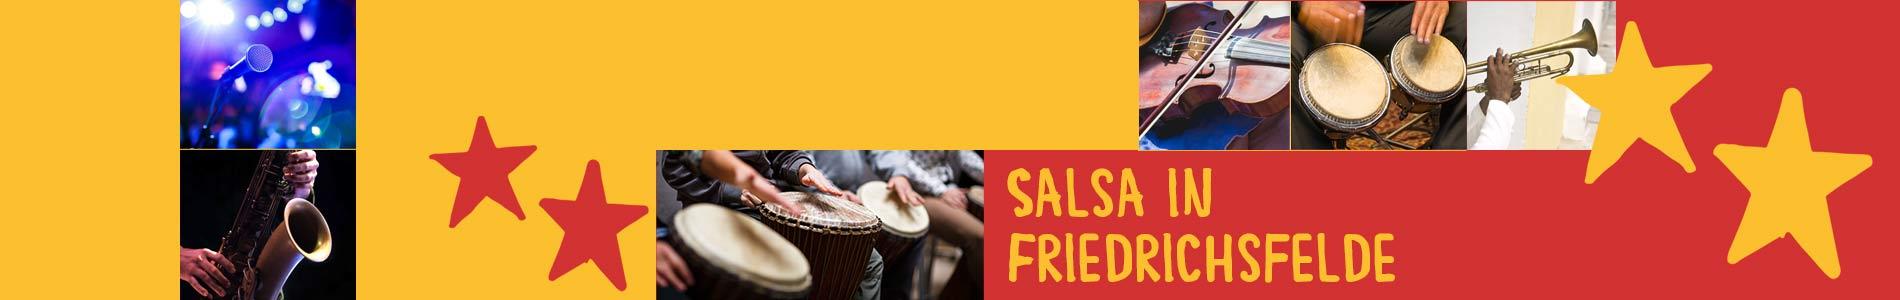 Salsa in Friedrichsfelde – Salsa lernen und tanzen, Tanzkurse, Partys, Veranstaltungen